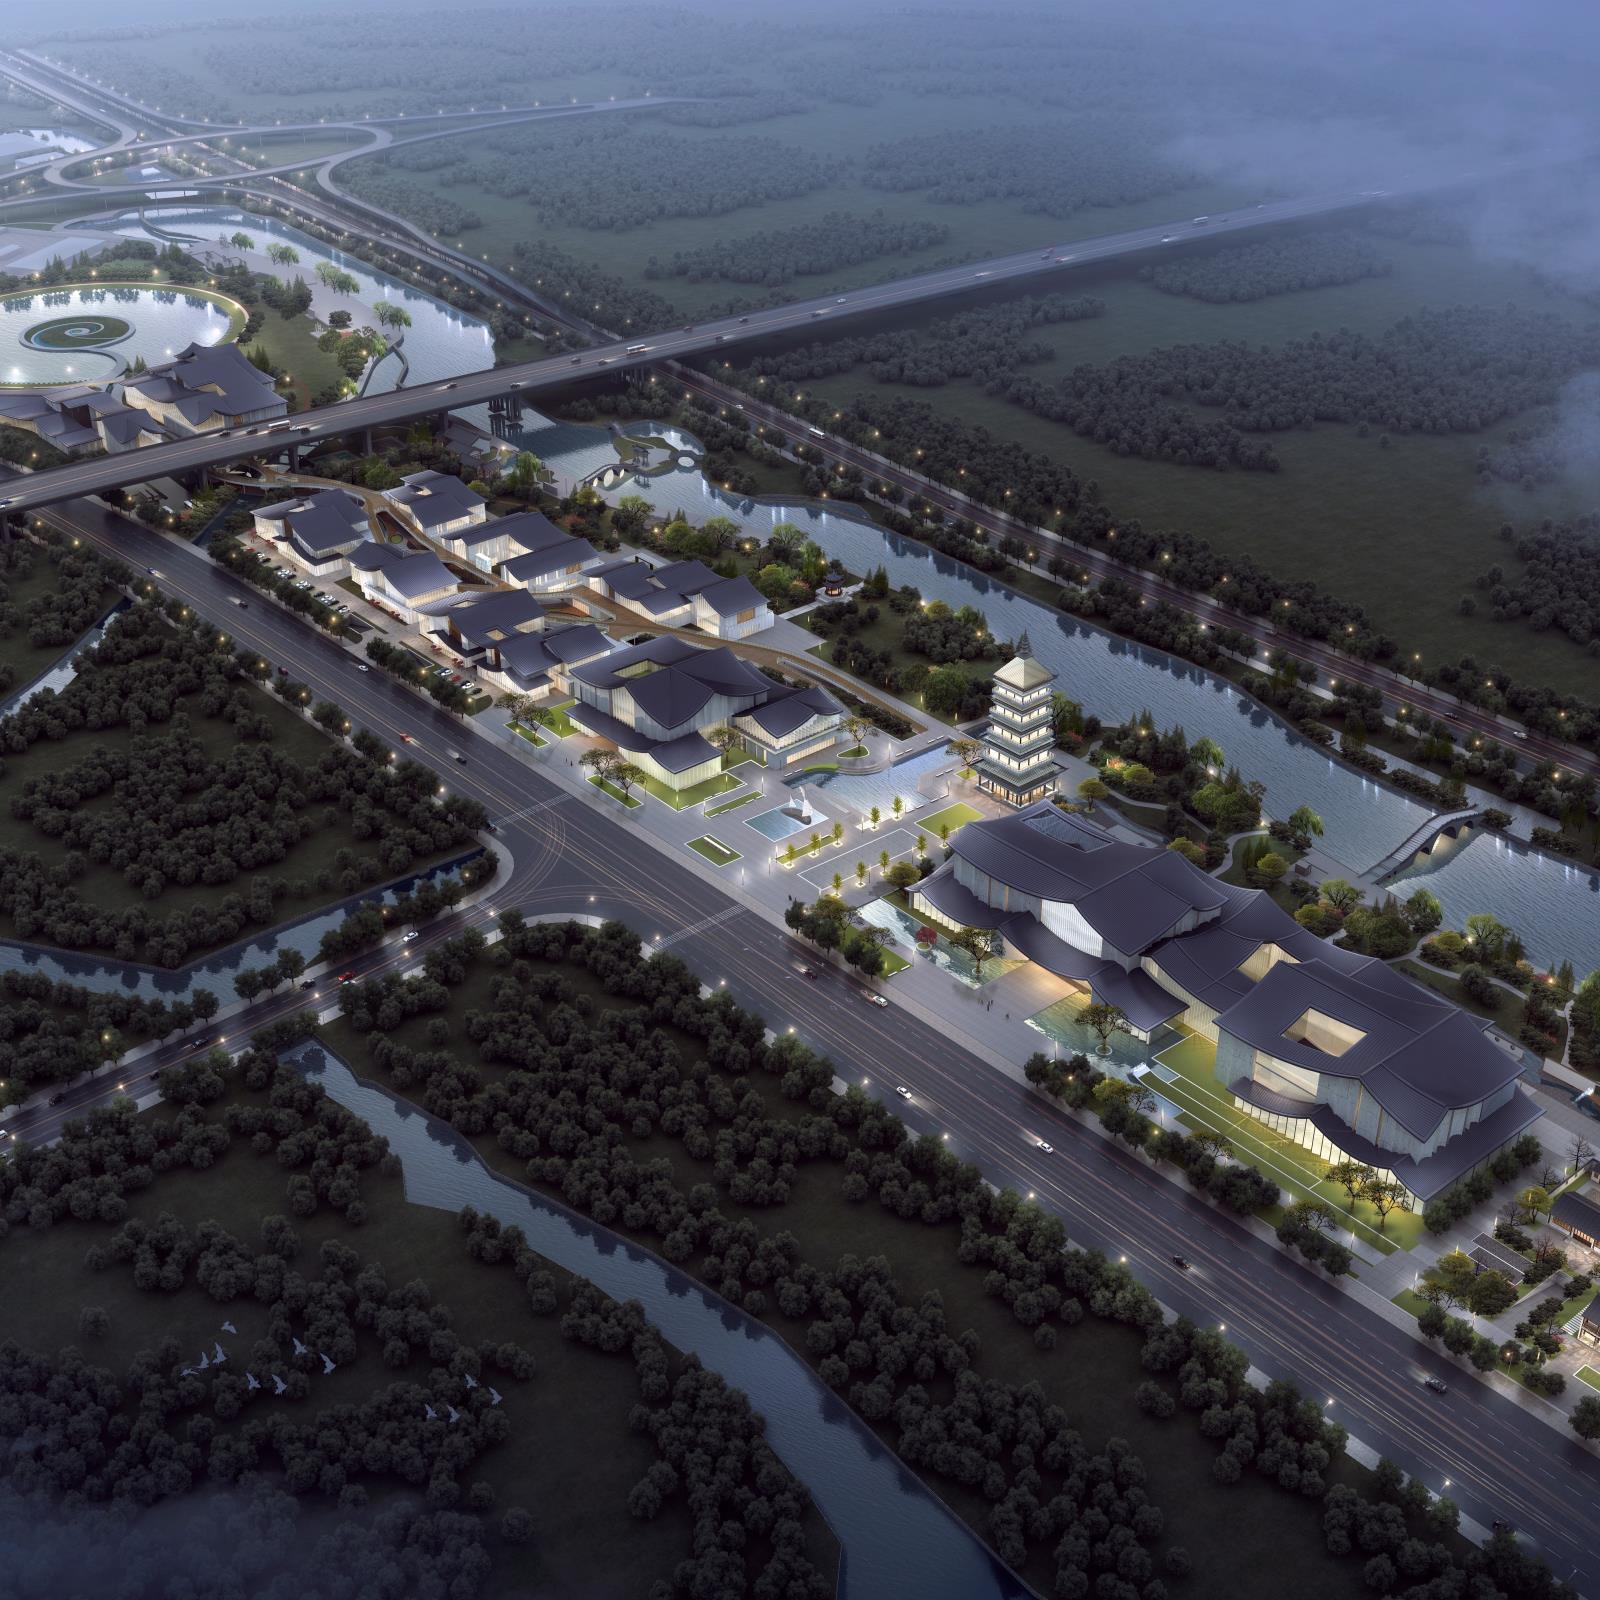 浙东运河文化园(浙东运河博物馆)建设工程—建筑工程EPC总承包项目